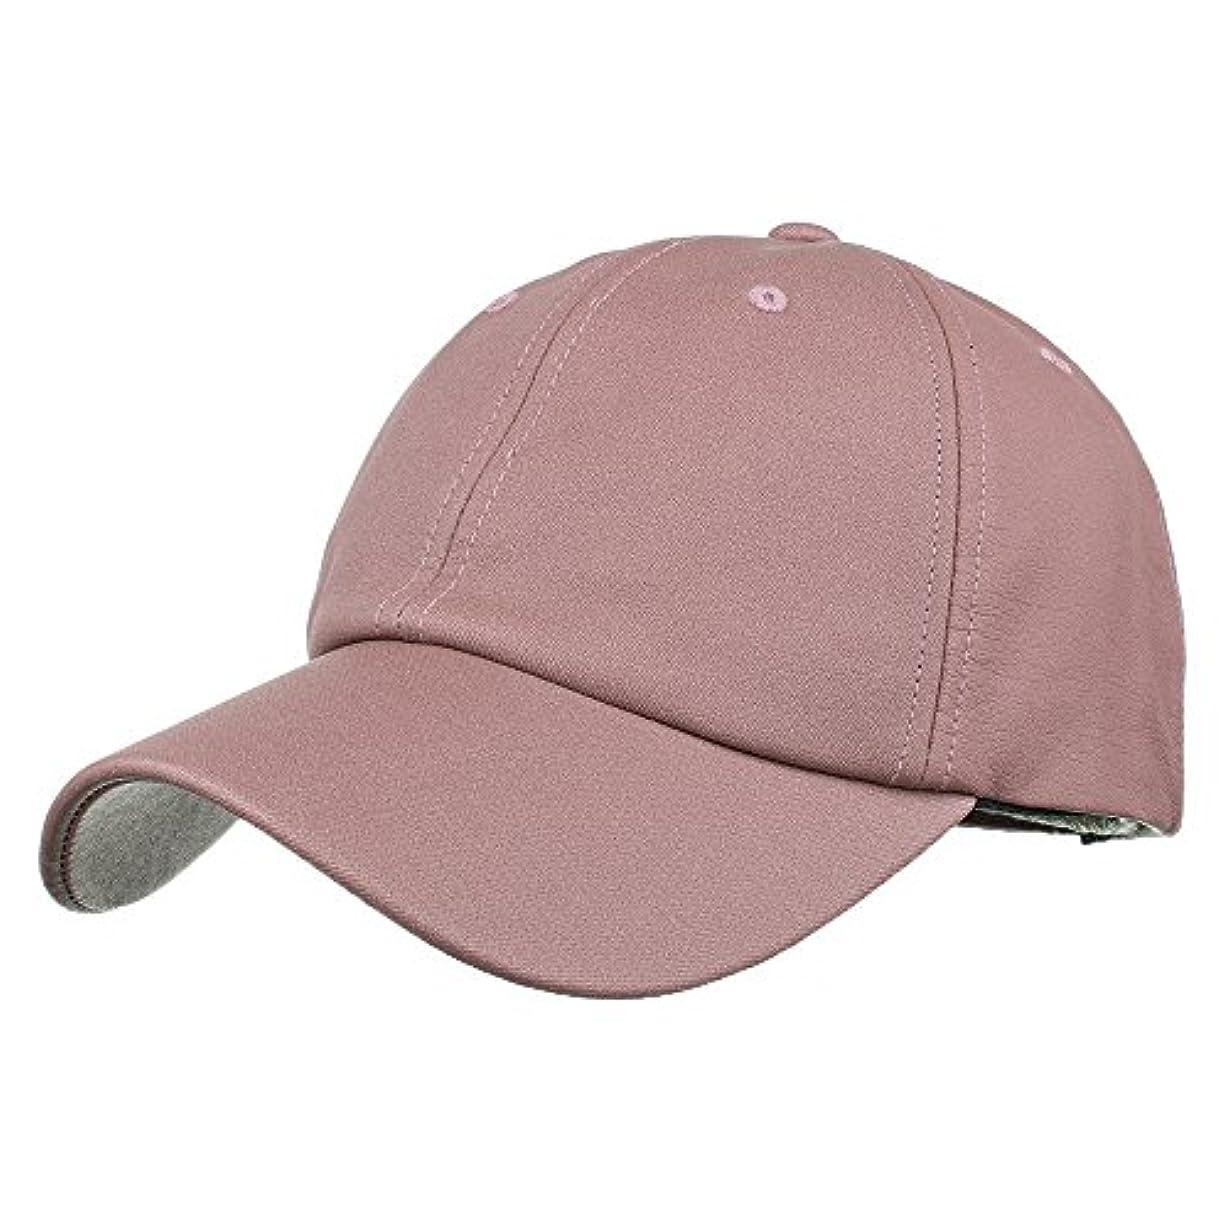 食器棚ヘロインロープRacazing Cap PU 無地 ヒップホップ 野球帽 通気性のある 帽子 夏 登山 可調整可能 棒球帽 UV 帽子 軽量 屋外 Unisex Hat (ピンク)